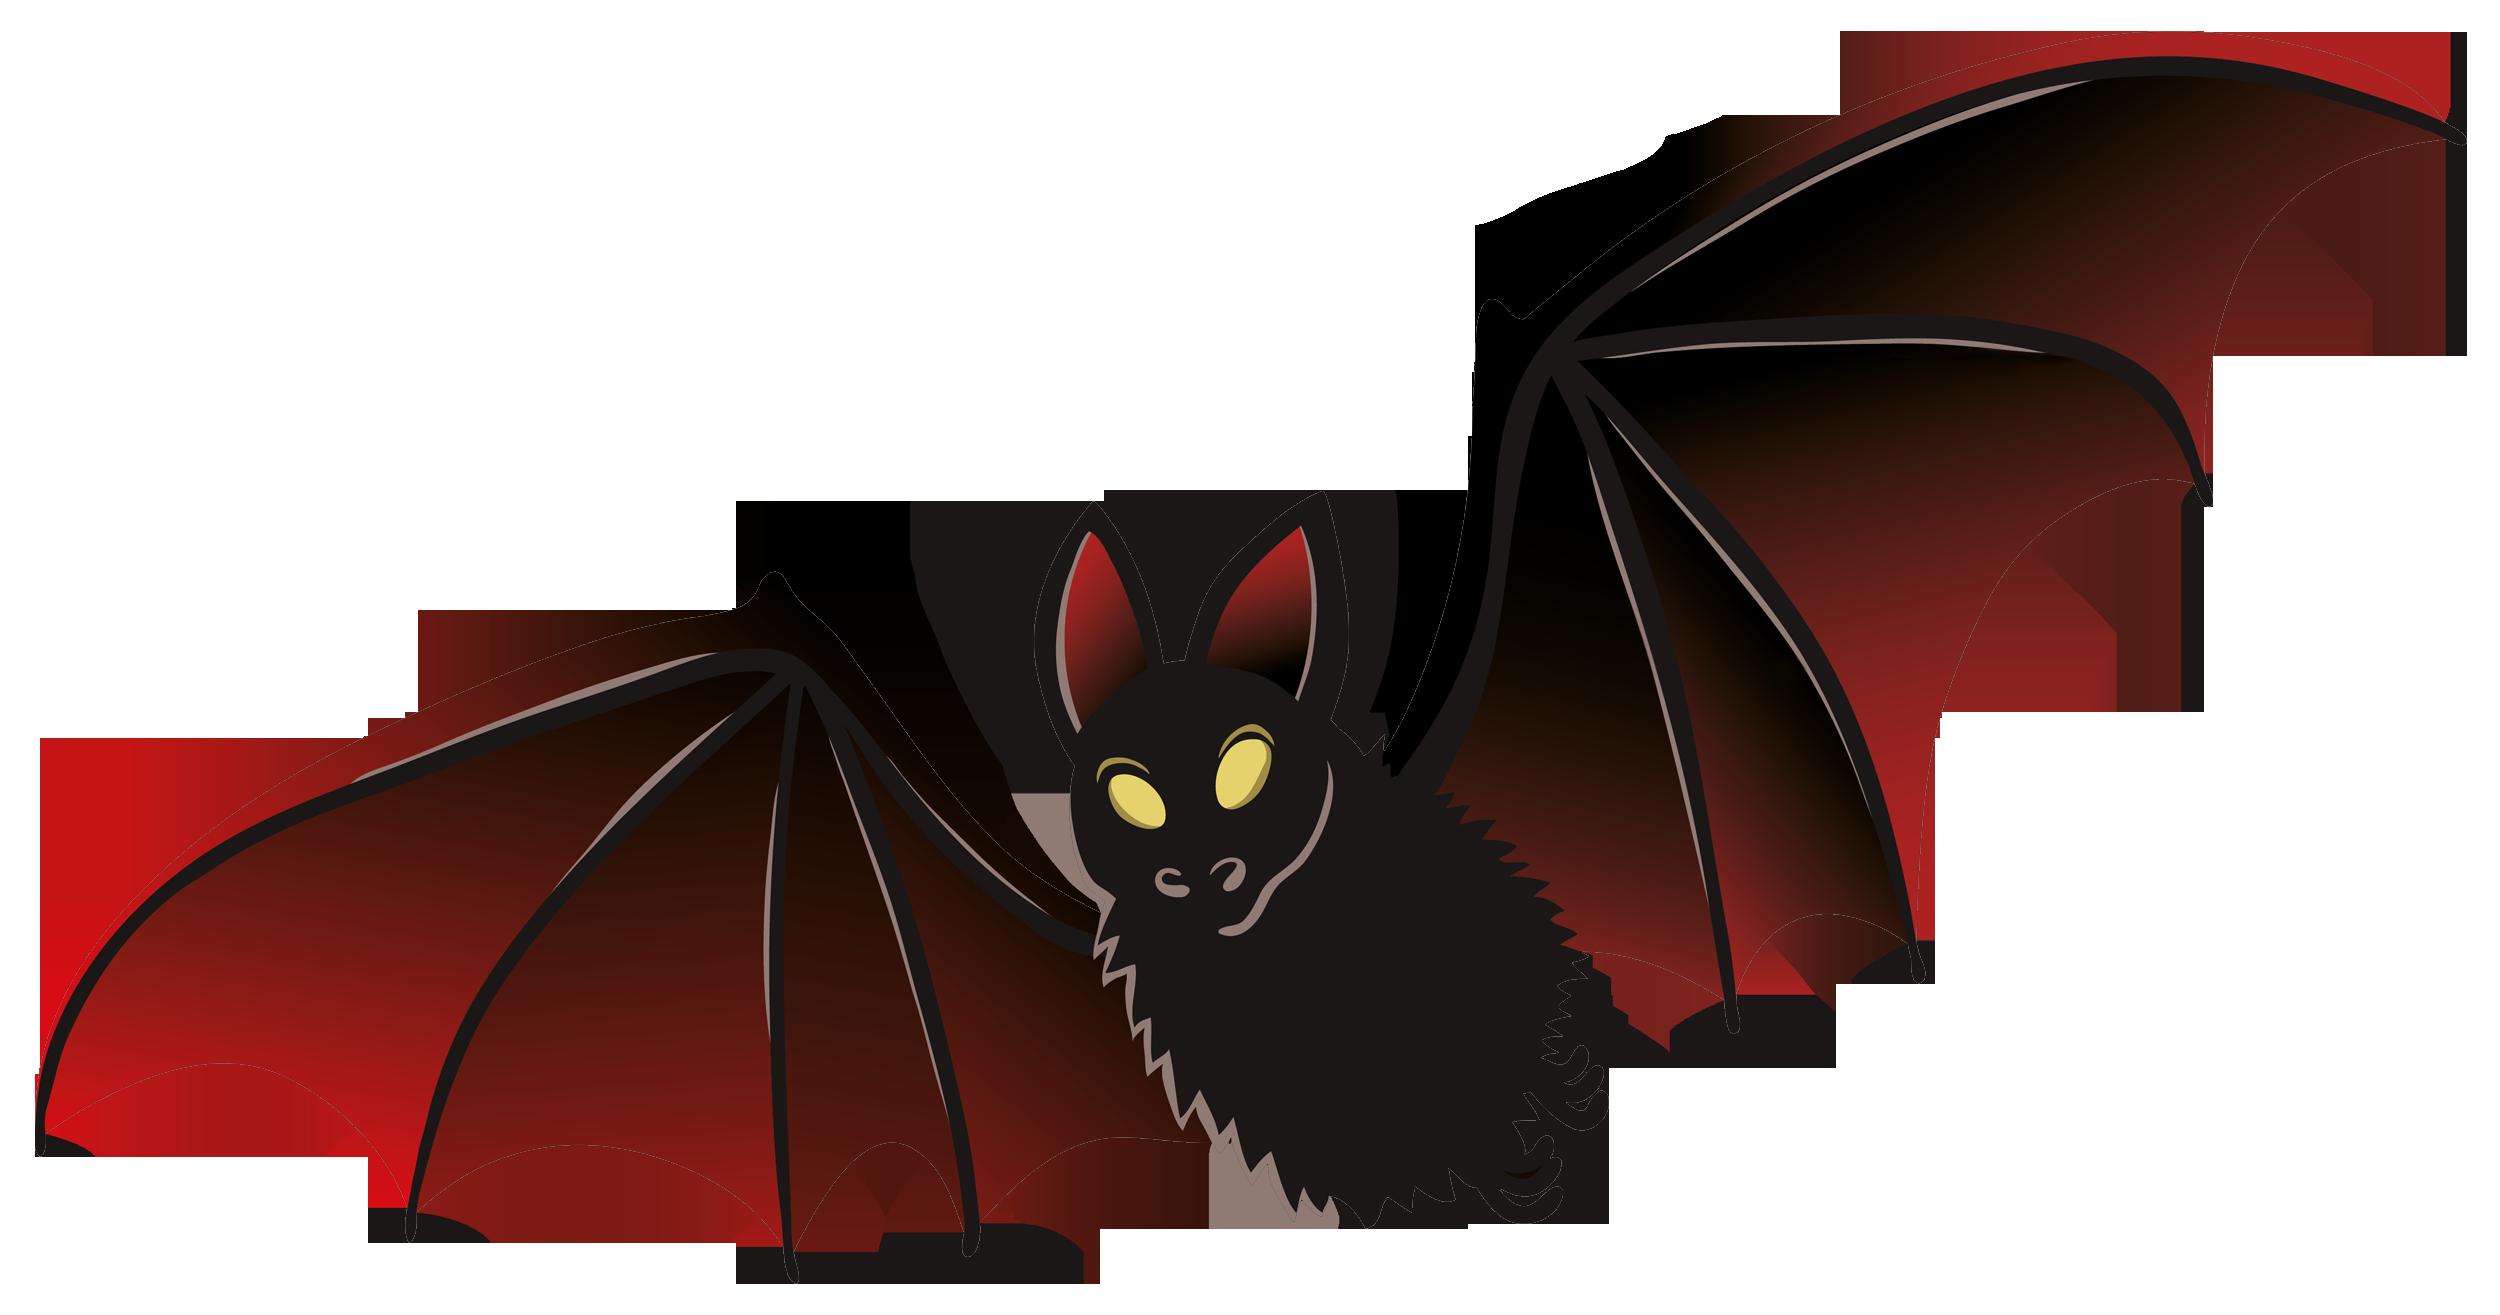 Bat clipart 4